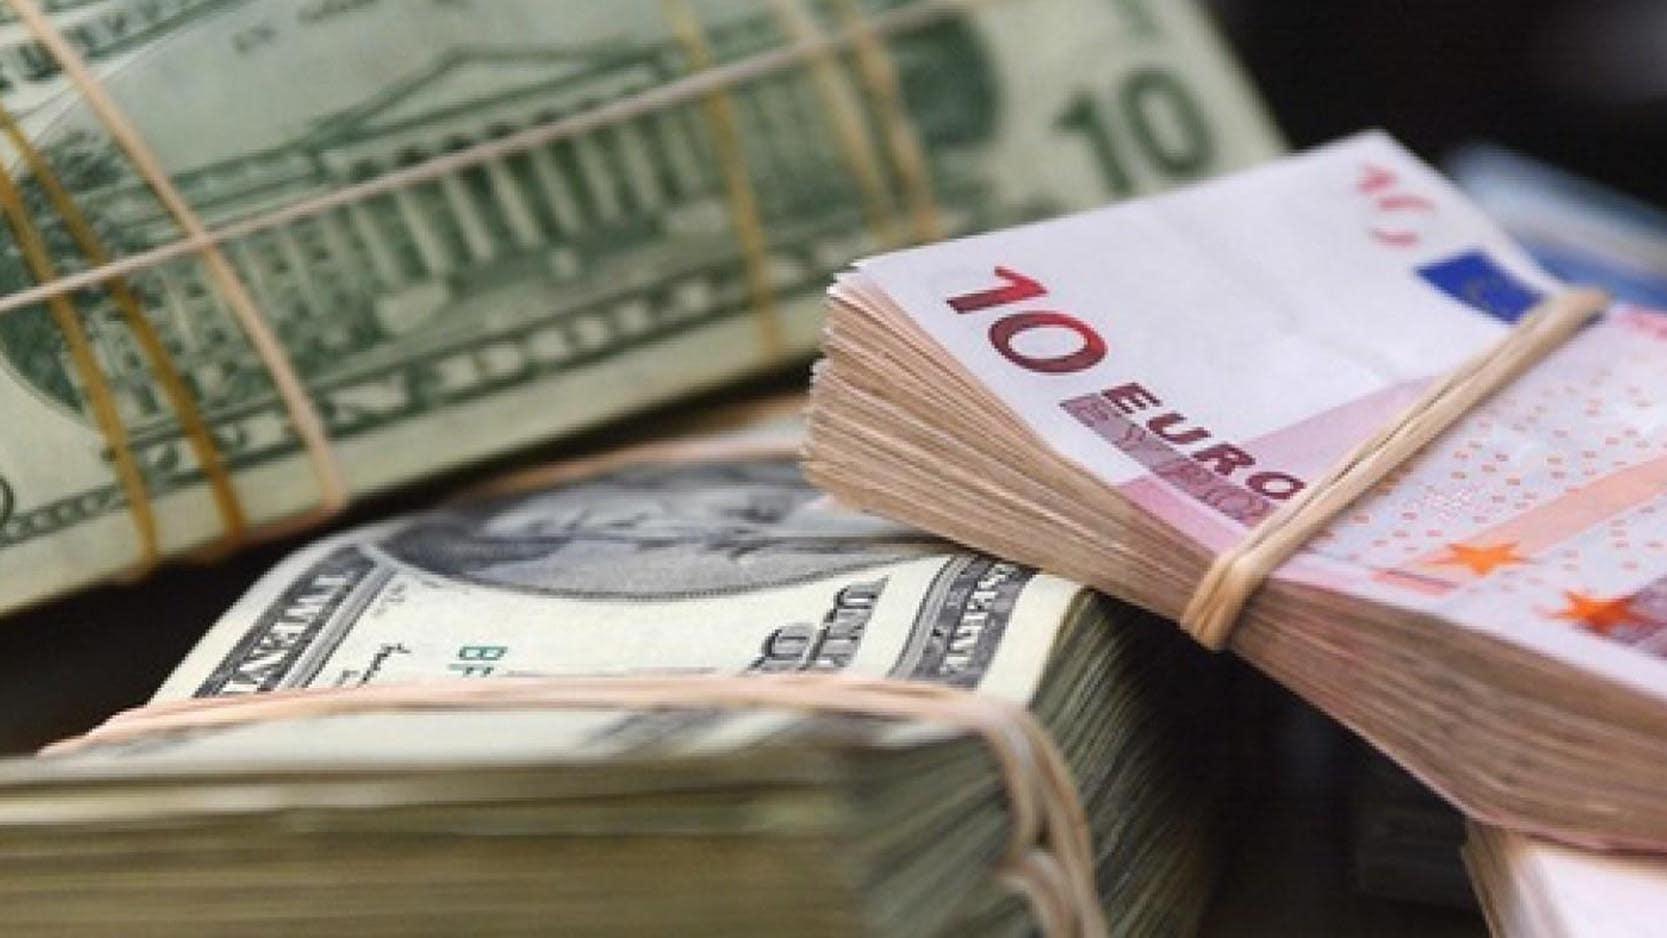 نوسانات نرخ ارز شرکت های دانش بنیان را در آستانه ورشکستگی قرار داده است